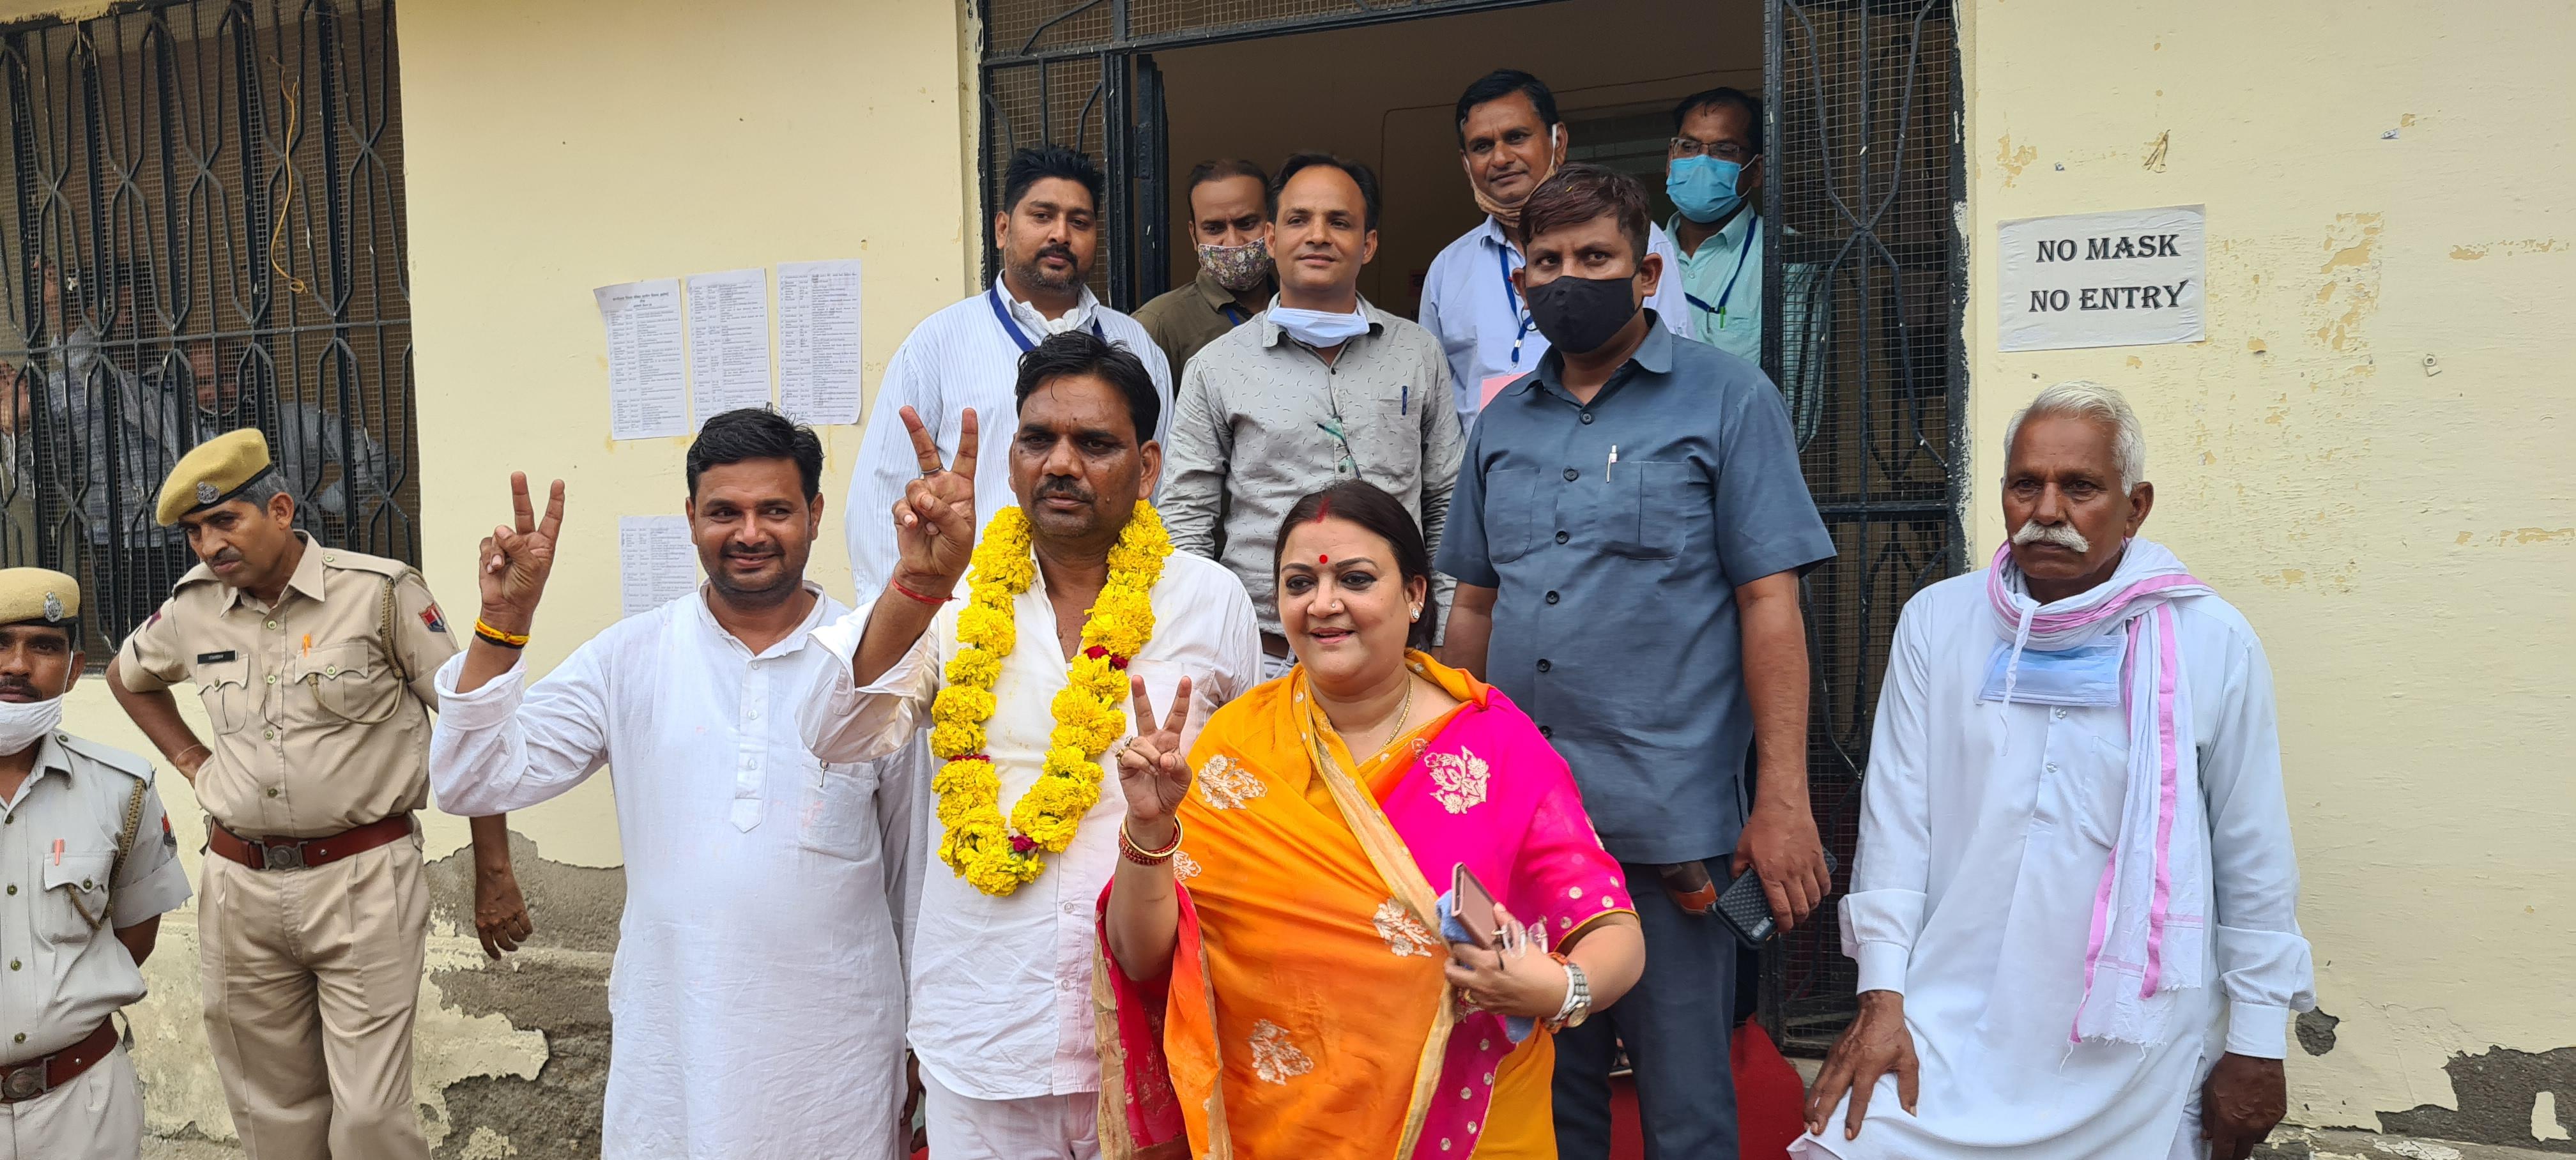 जिला प्रमुख बनने के बाद मंत्री ममता भूपेश के साथ जिला प्रमुख हीरालाल सैनी। - Dainik Bhaskar